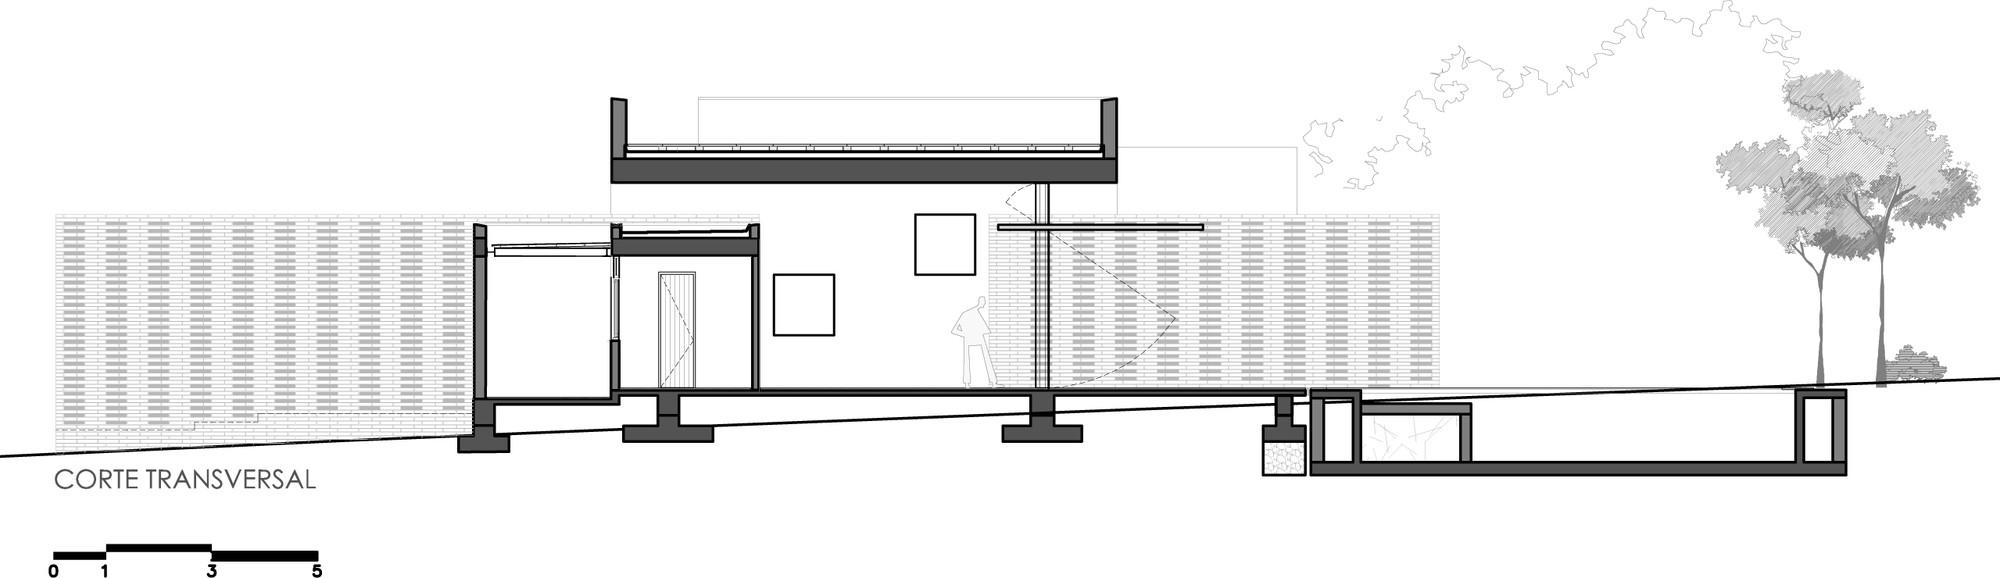 Galer a de condominio el paso de la carrera cavanzo for Carreras de arquitectura